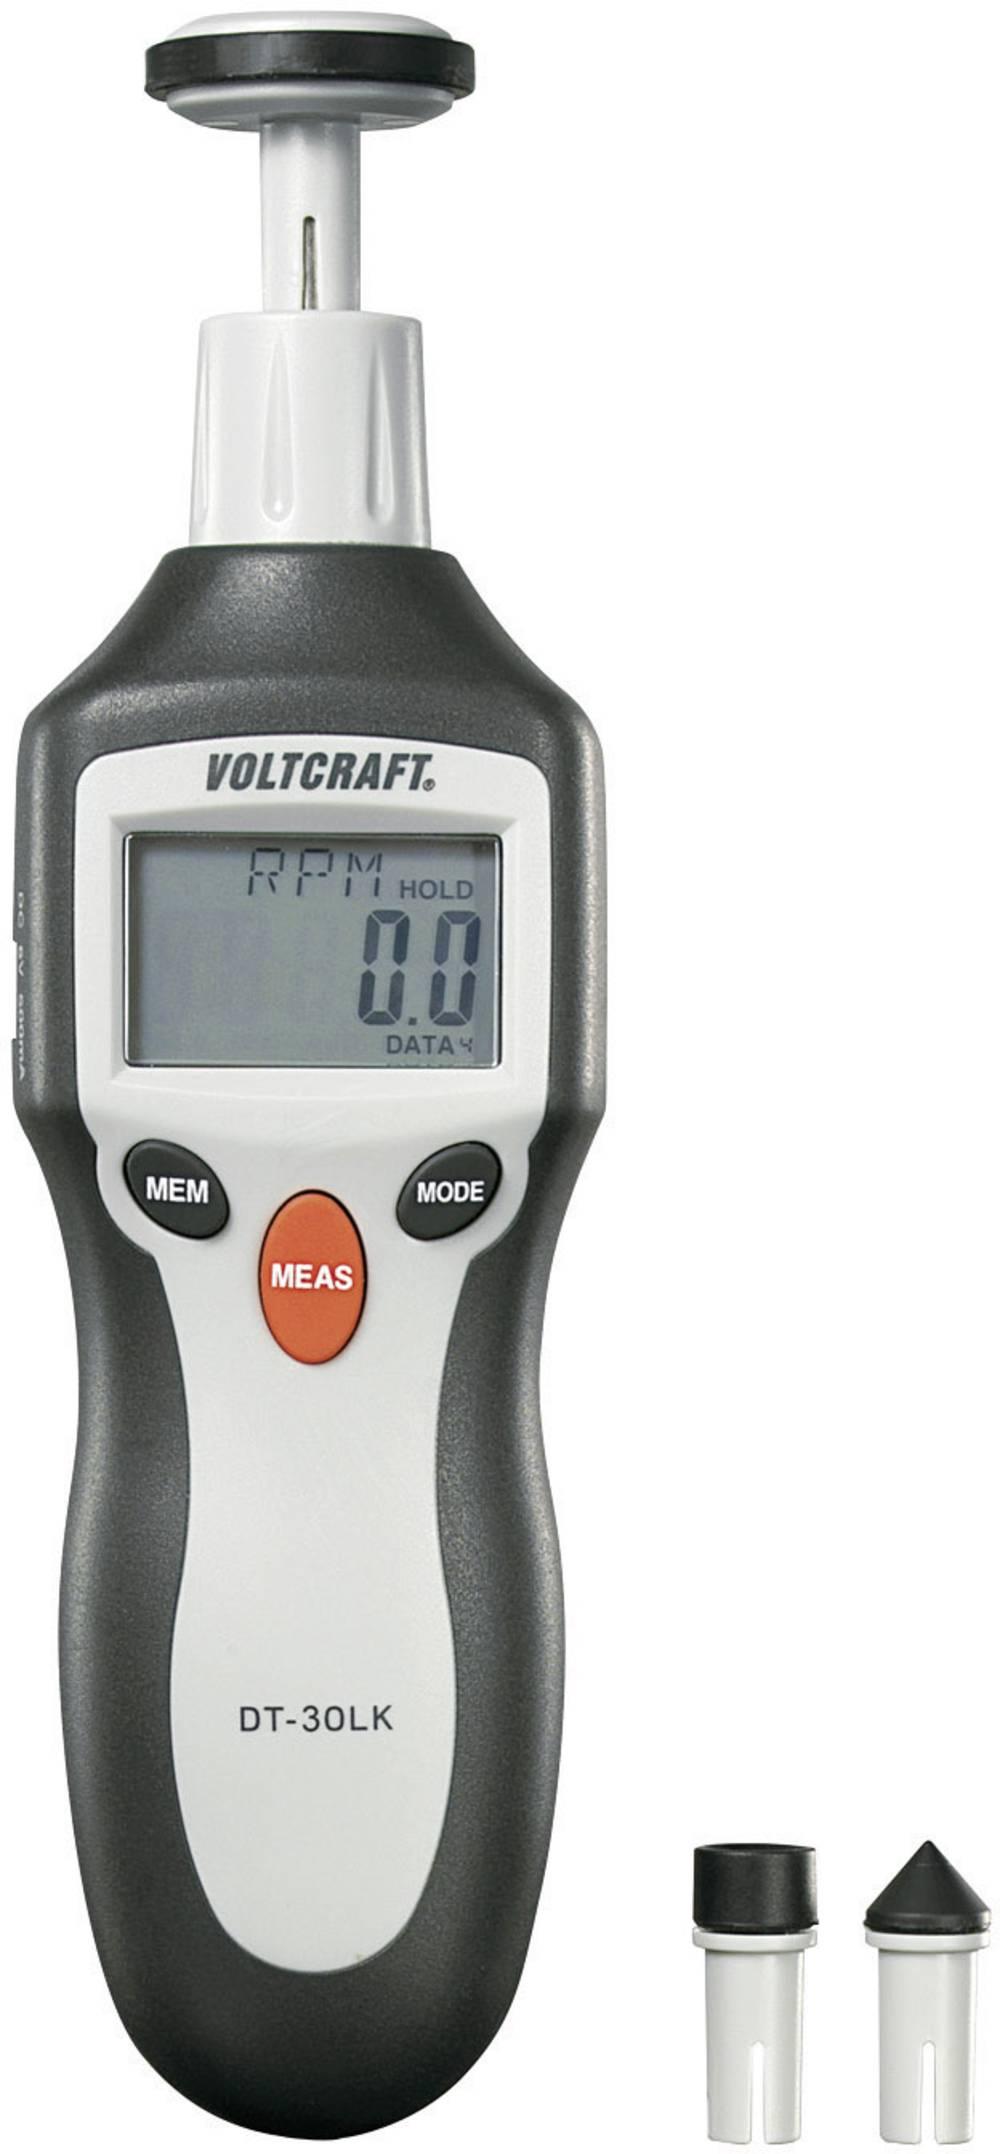 VOLTCRAFT® DT-30LK digitalni ročni merilnik vrtljajev 2 - 200000 U/min, laserski merilnik vrtljajev, števec razdalje kalibri